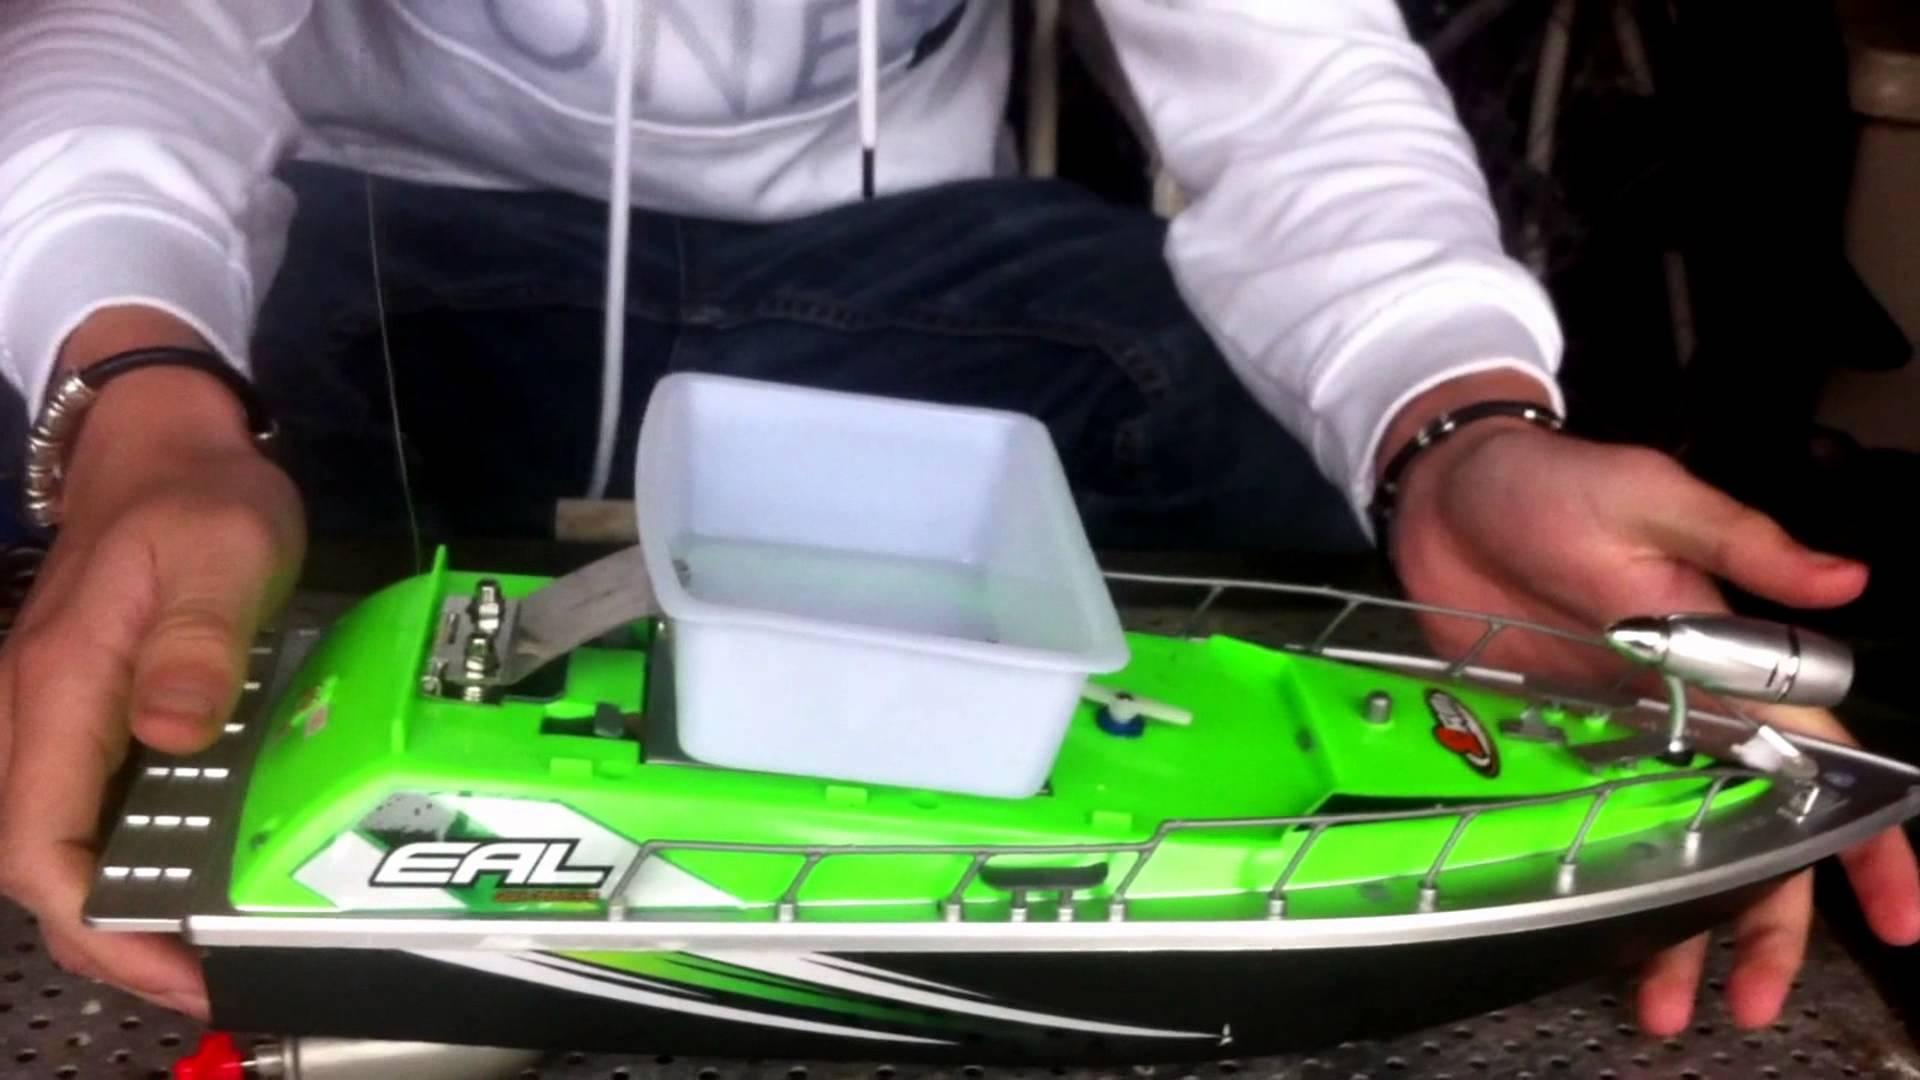 bateau amorceur telecommande